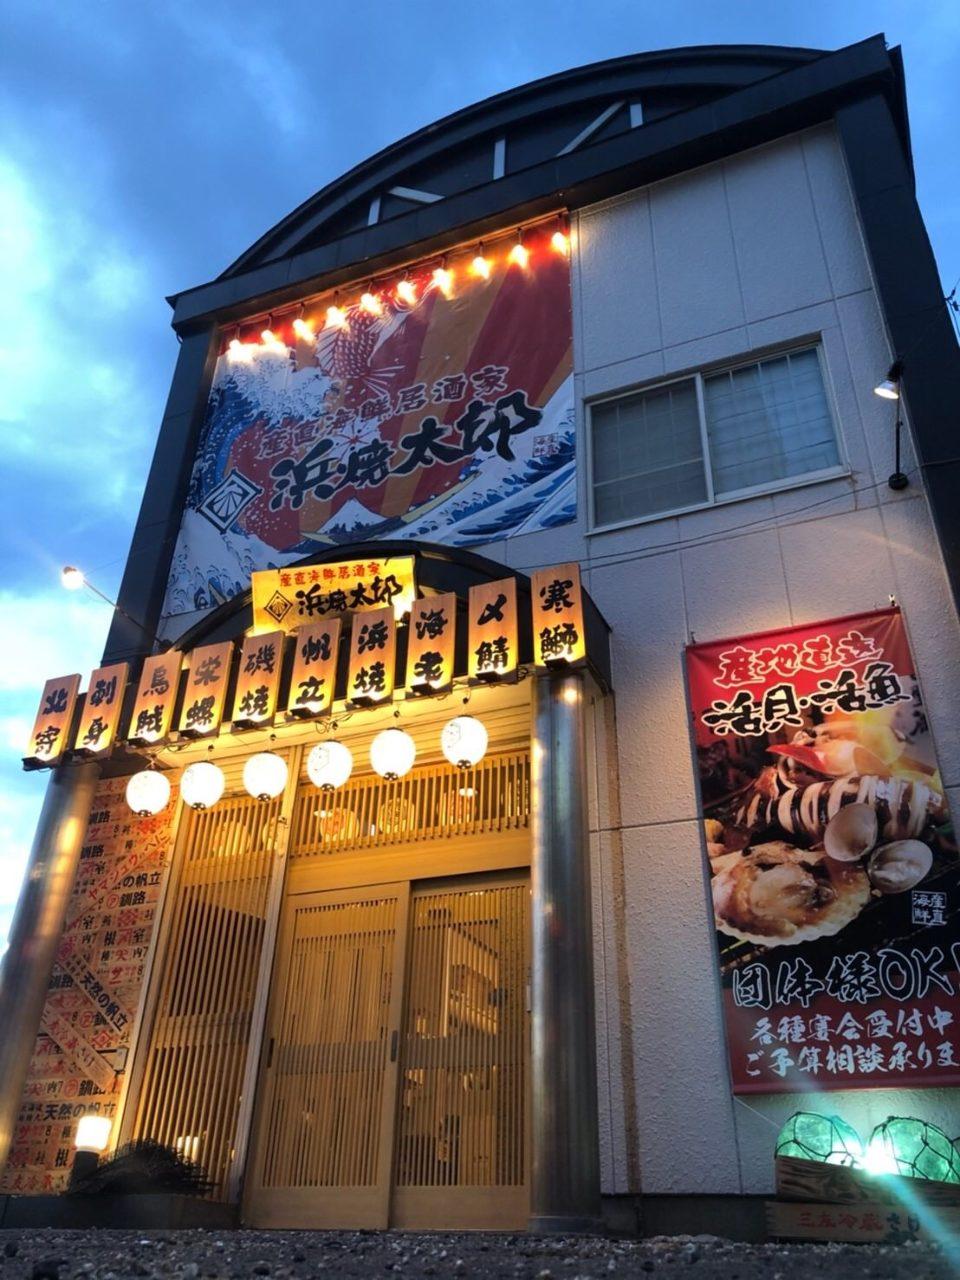 浜焼太郎 八戸店のイメージ写真